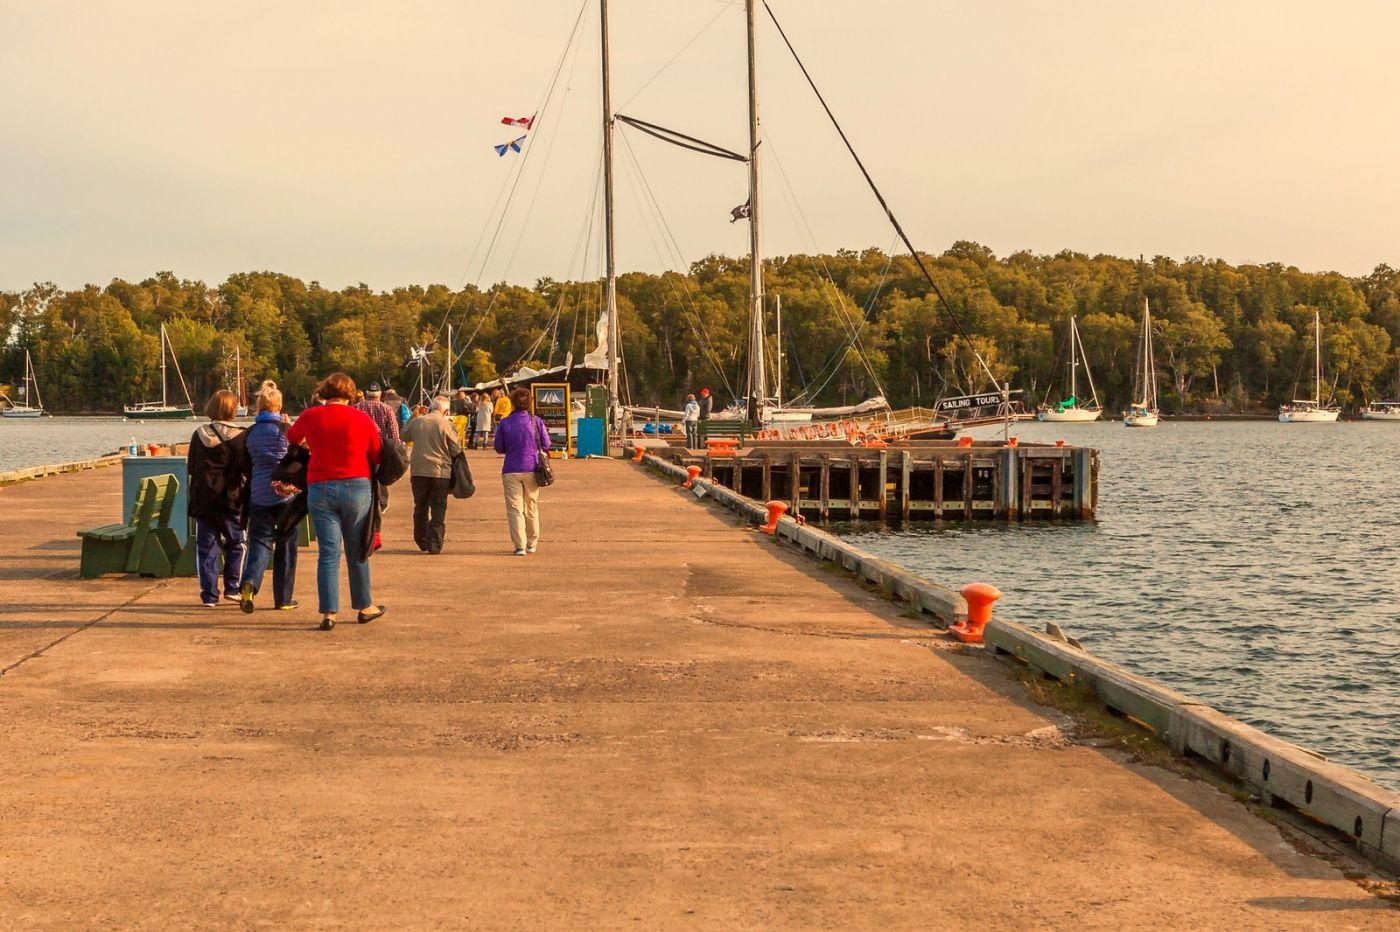 加拿大Nova Scotia, 帆船灯塔老鹰_图1-19